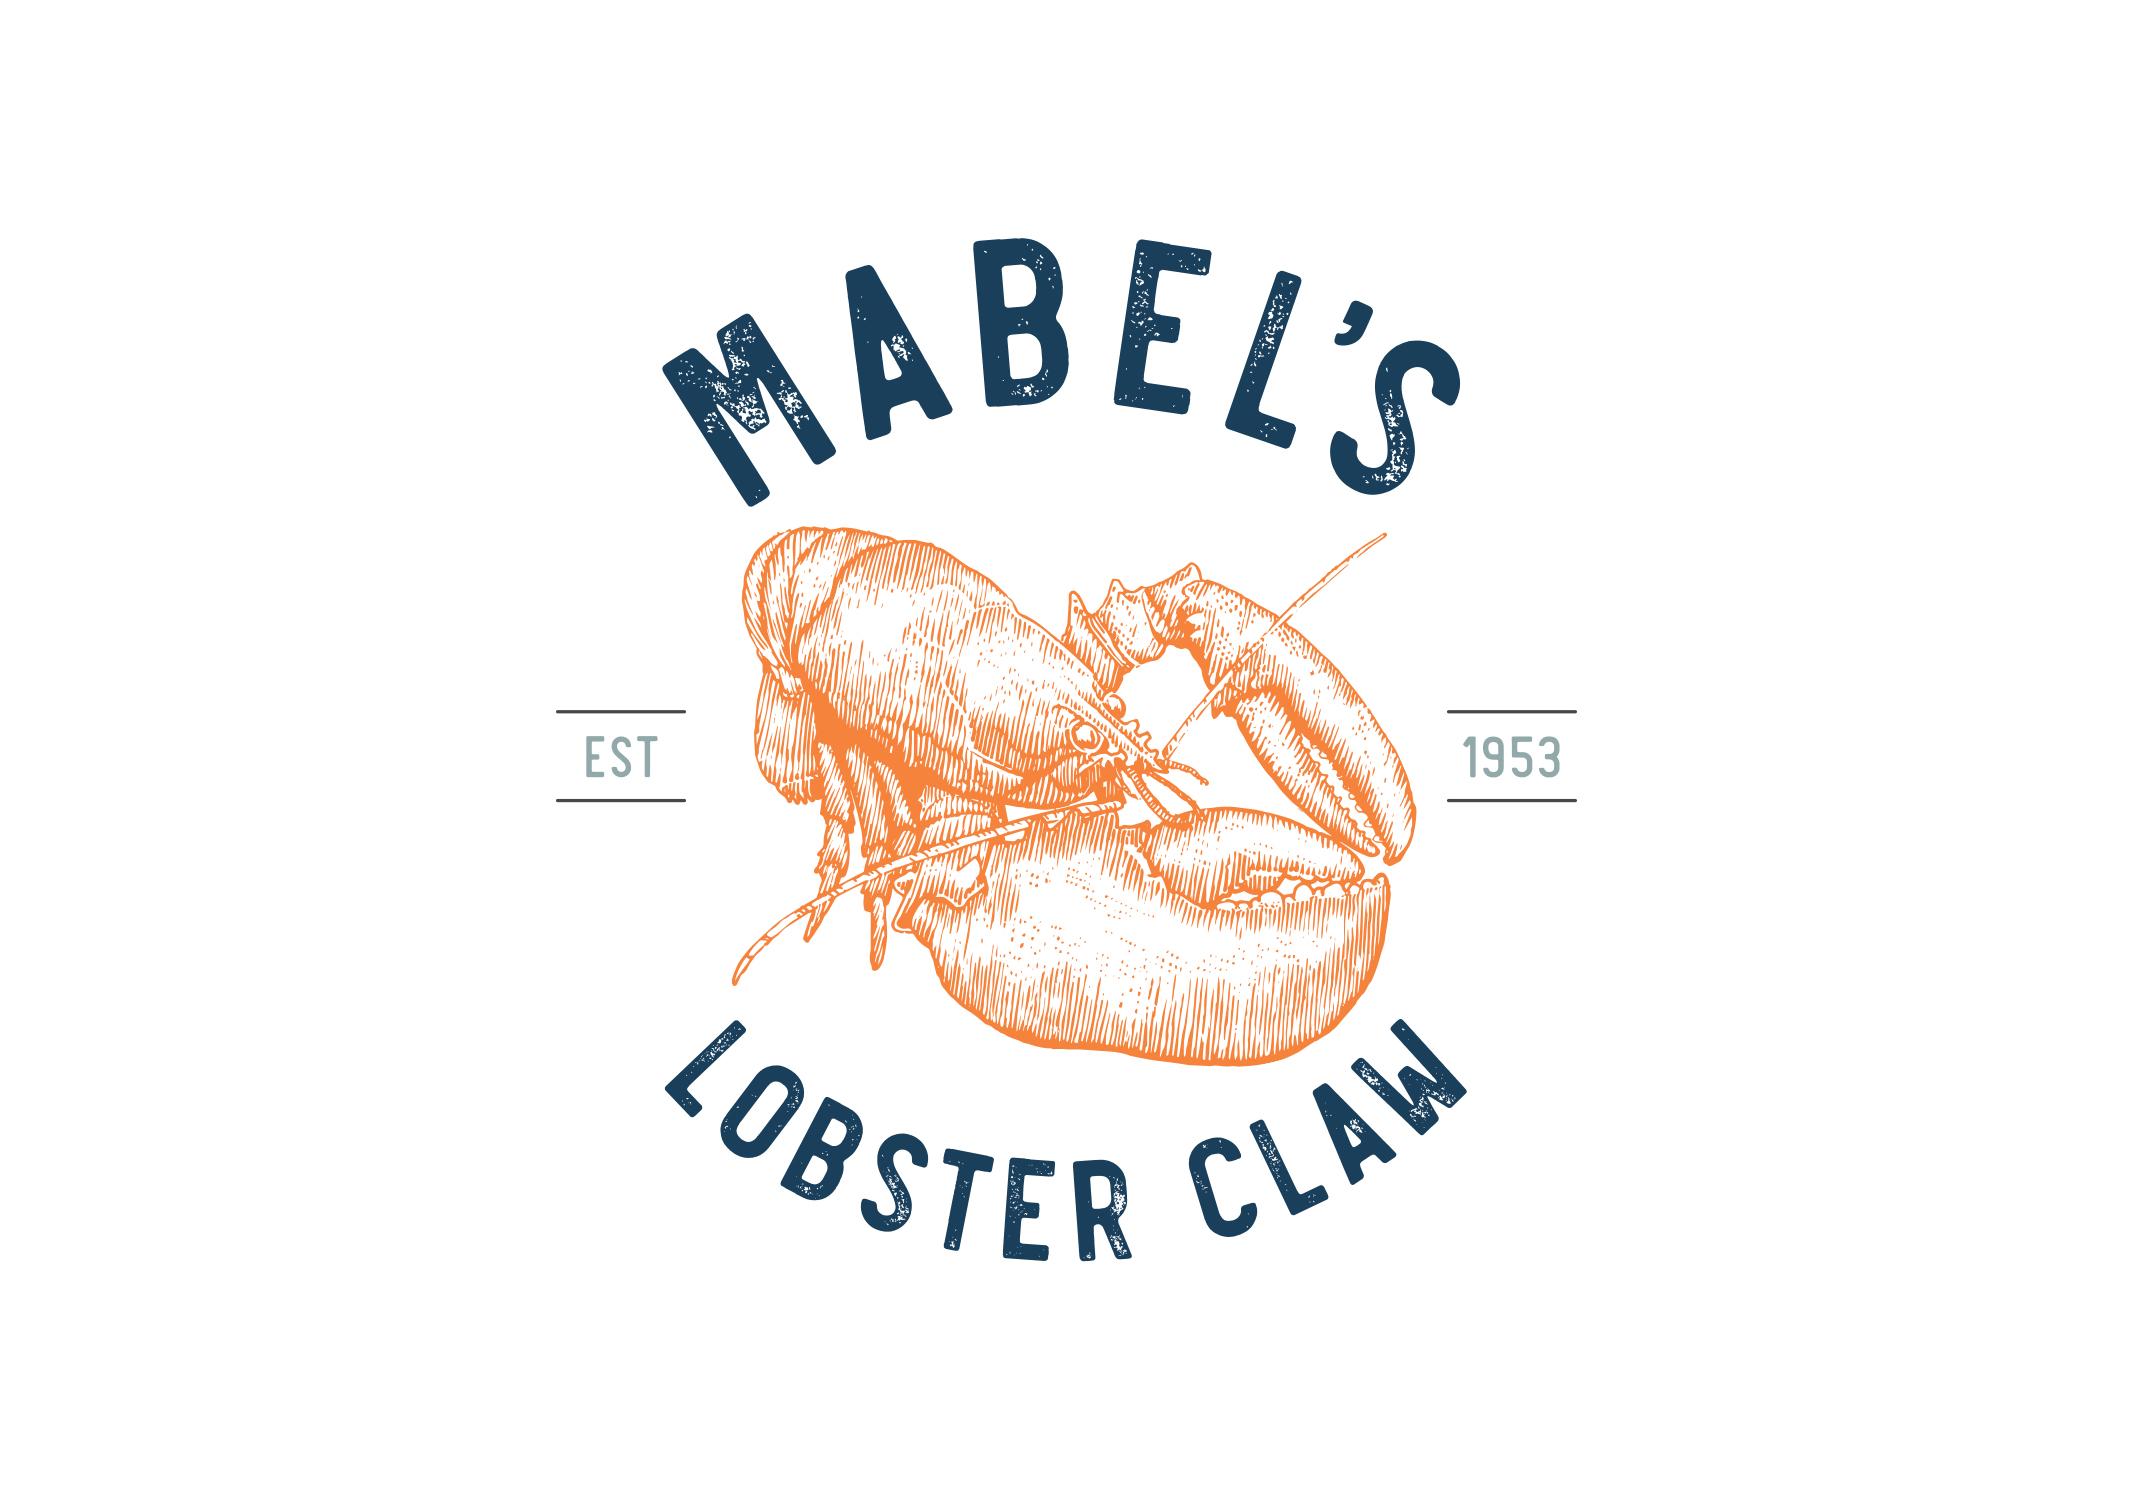 Mabels-2.jpg